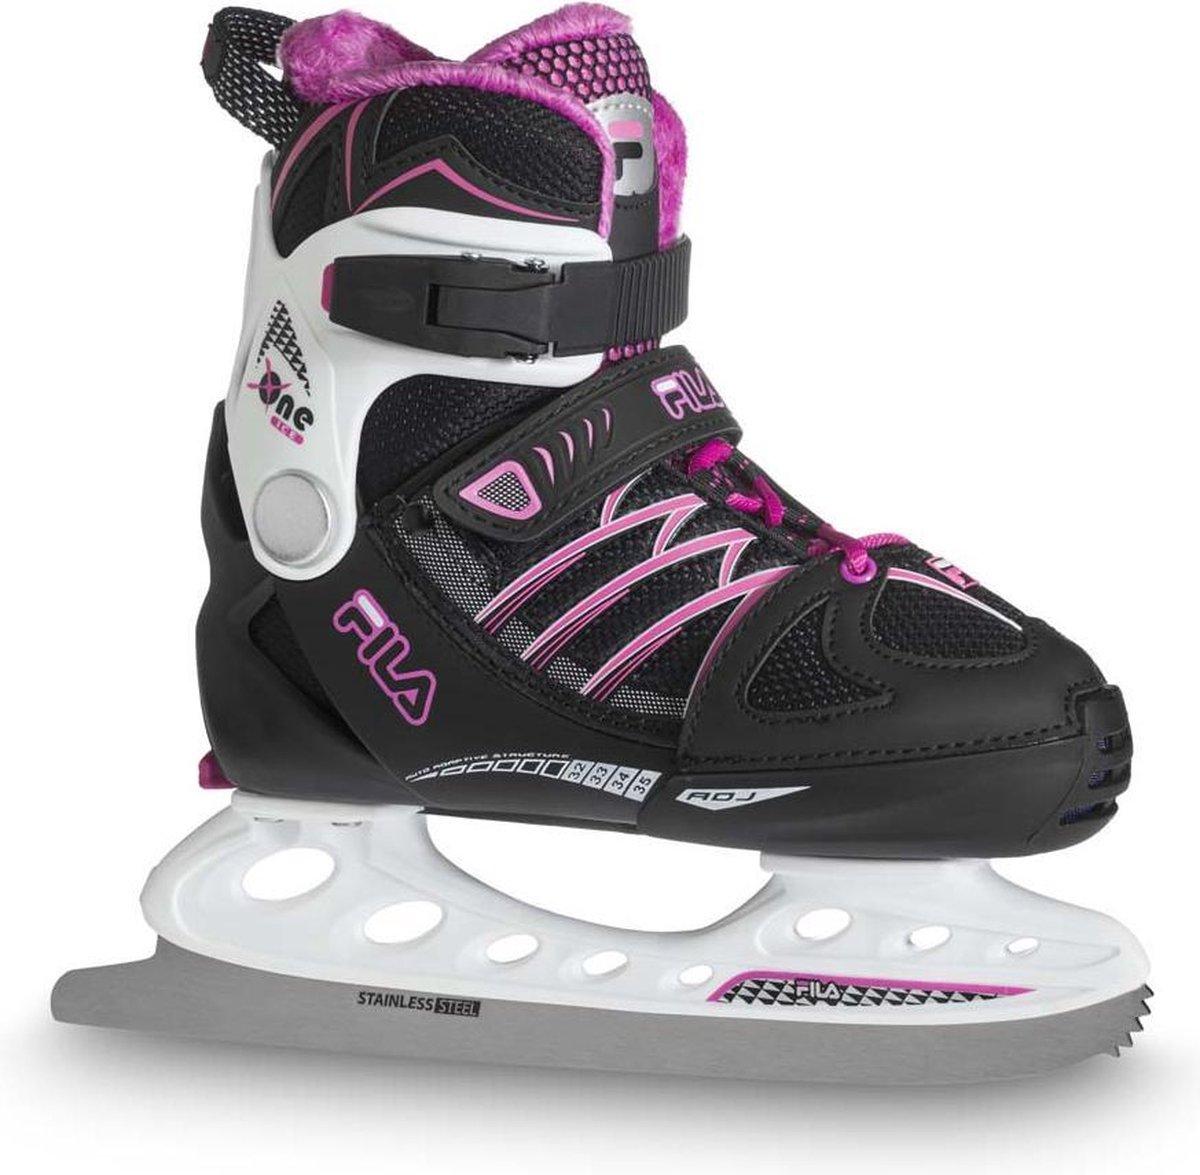 Fila - X-one ice 20 Girl - Schaatsen voor kinderen - Maat 38-41 - Roze - IJshockeyschaats voor kinderen